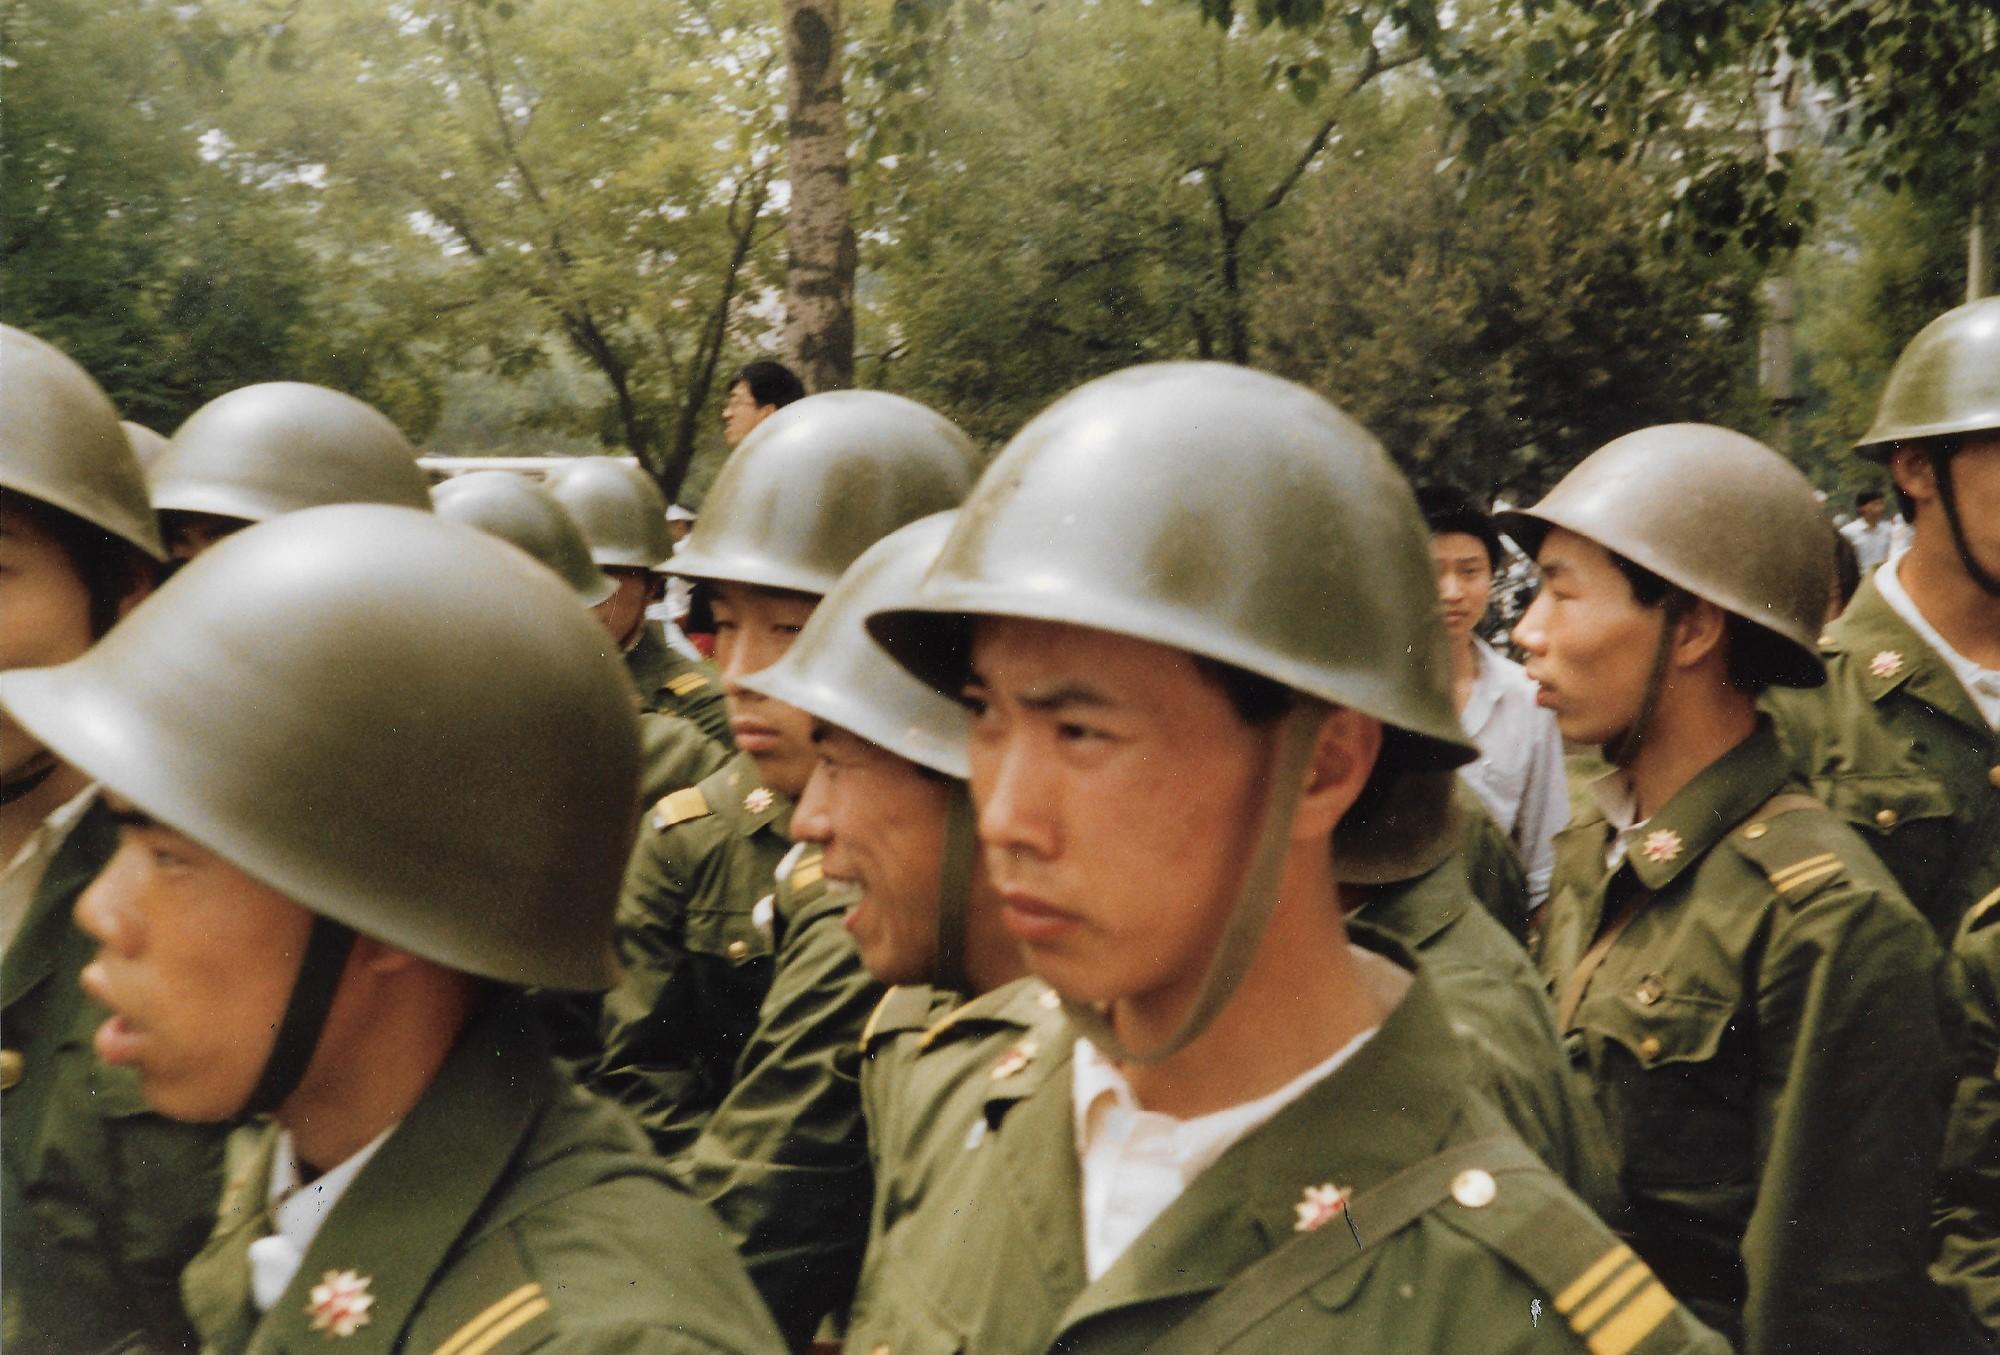 1989年6月3日上午,一路軍人在北京長安街木樨地受阻。他們要拖回壓死人的警車。(王珍提供)